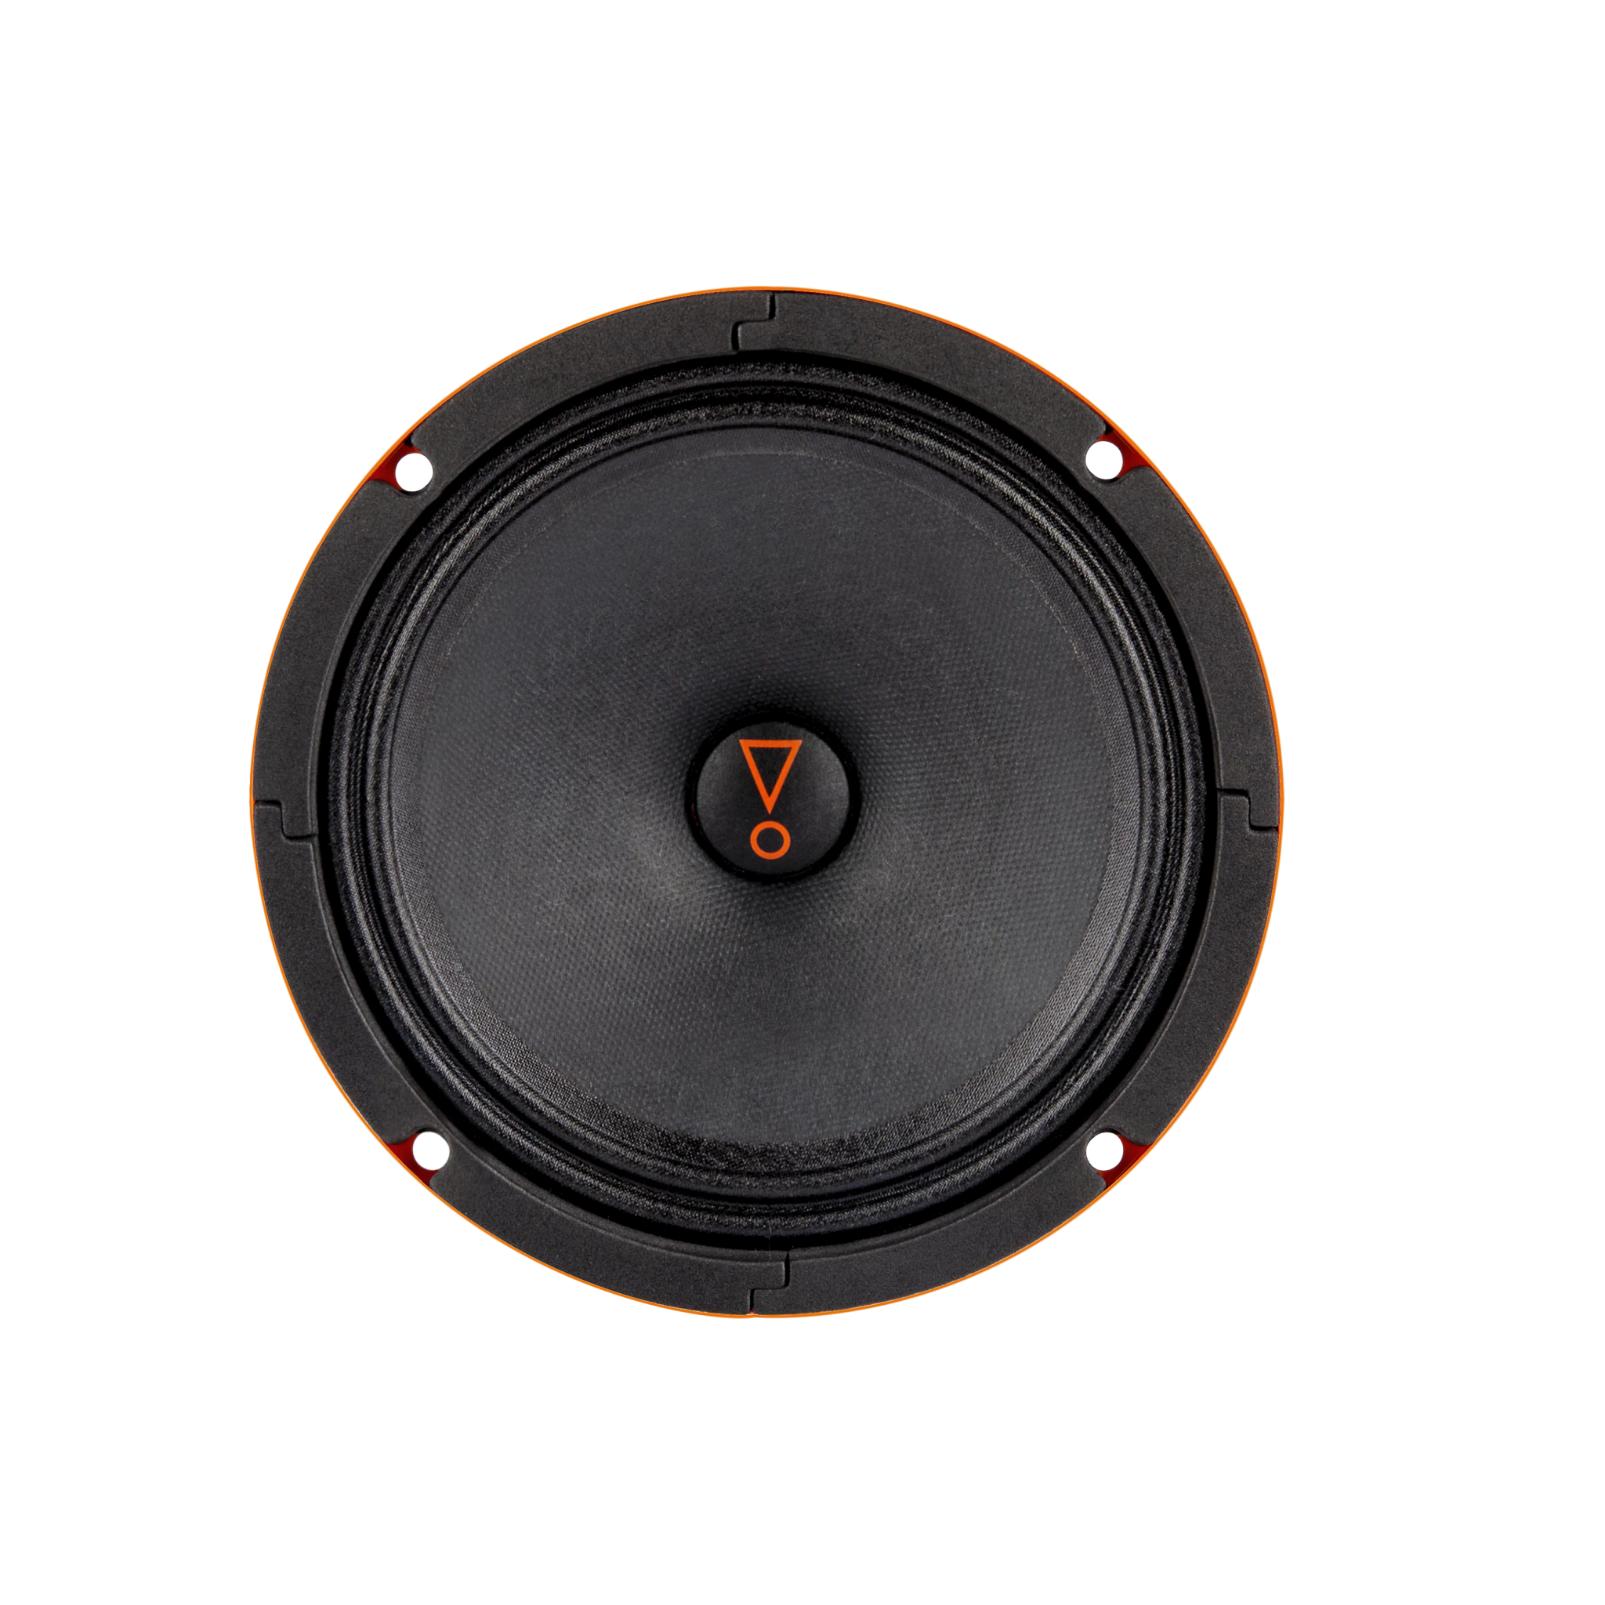 JBL Shock Wave 100W65 - Black - Embrace JBL Shock Wave, make your life louder - Front